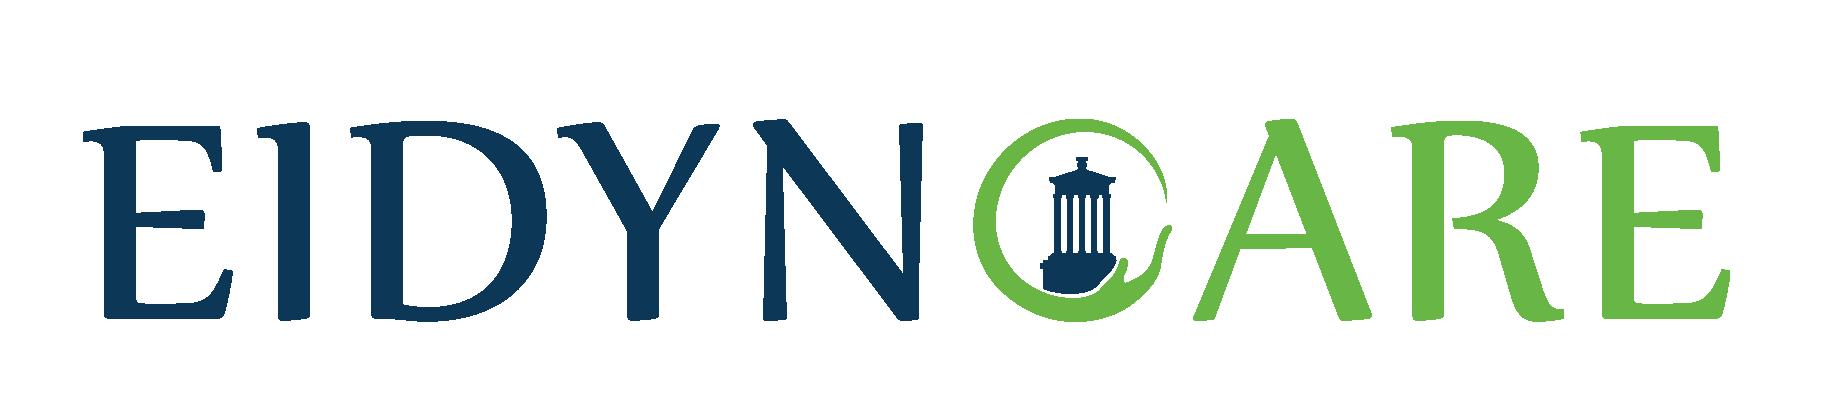 Eidyn-Care-logo-outline